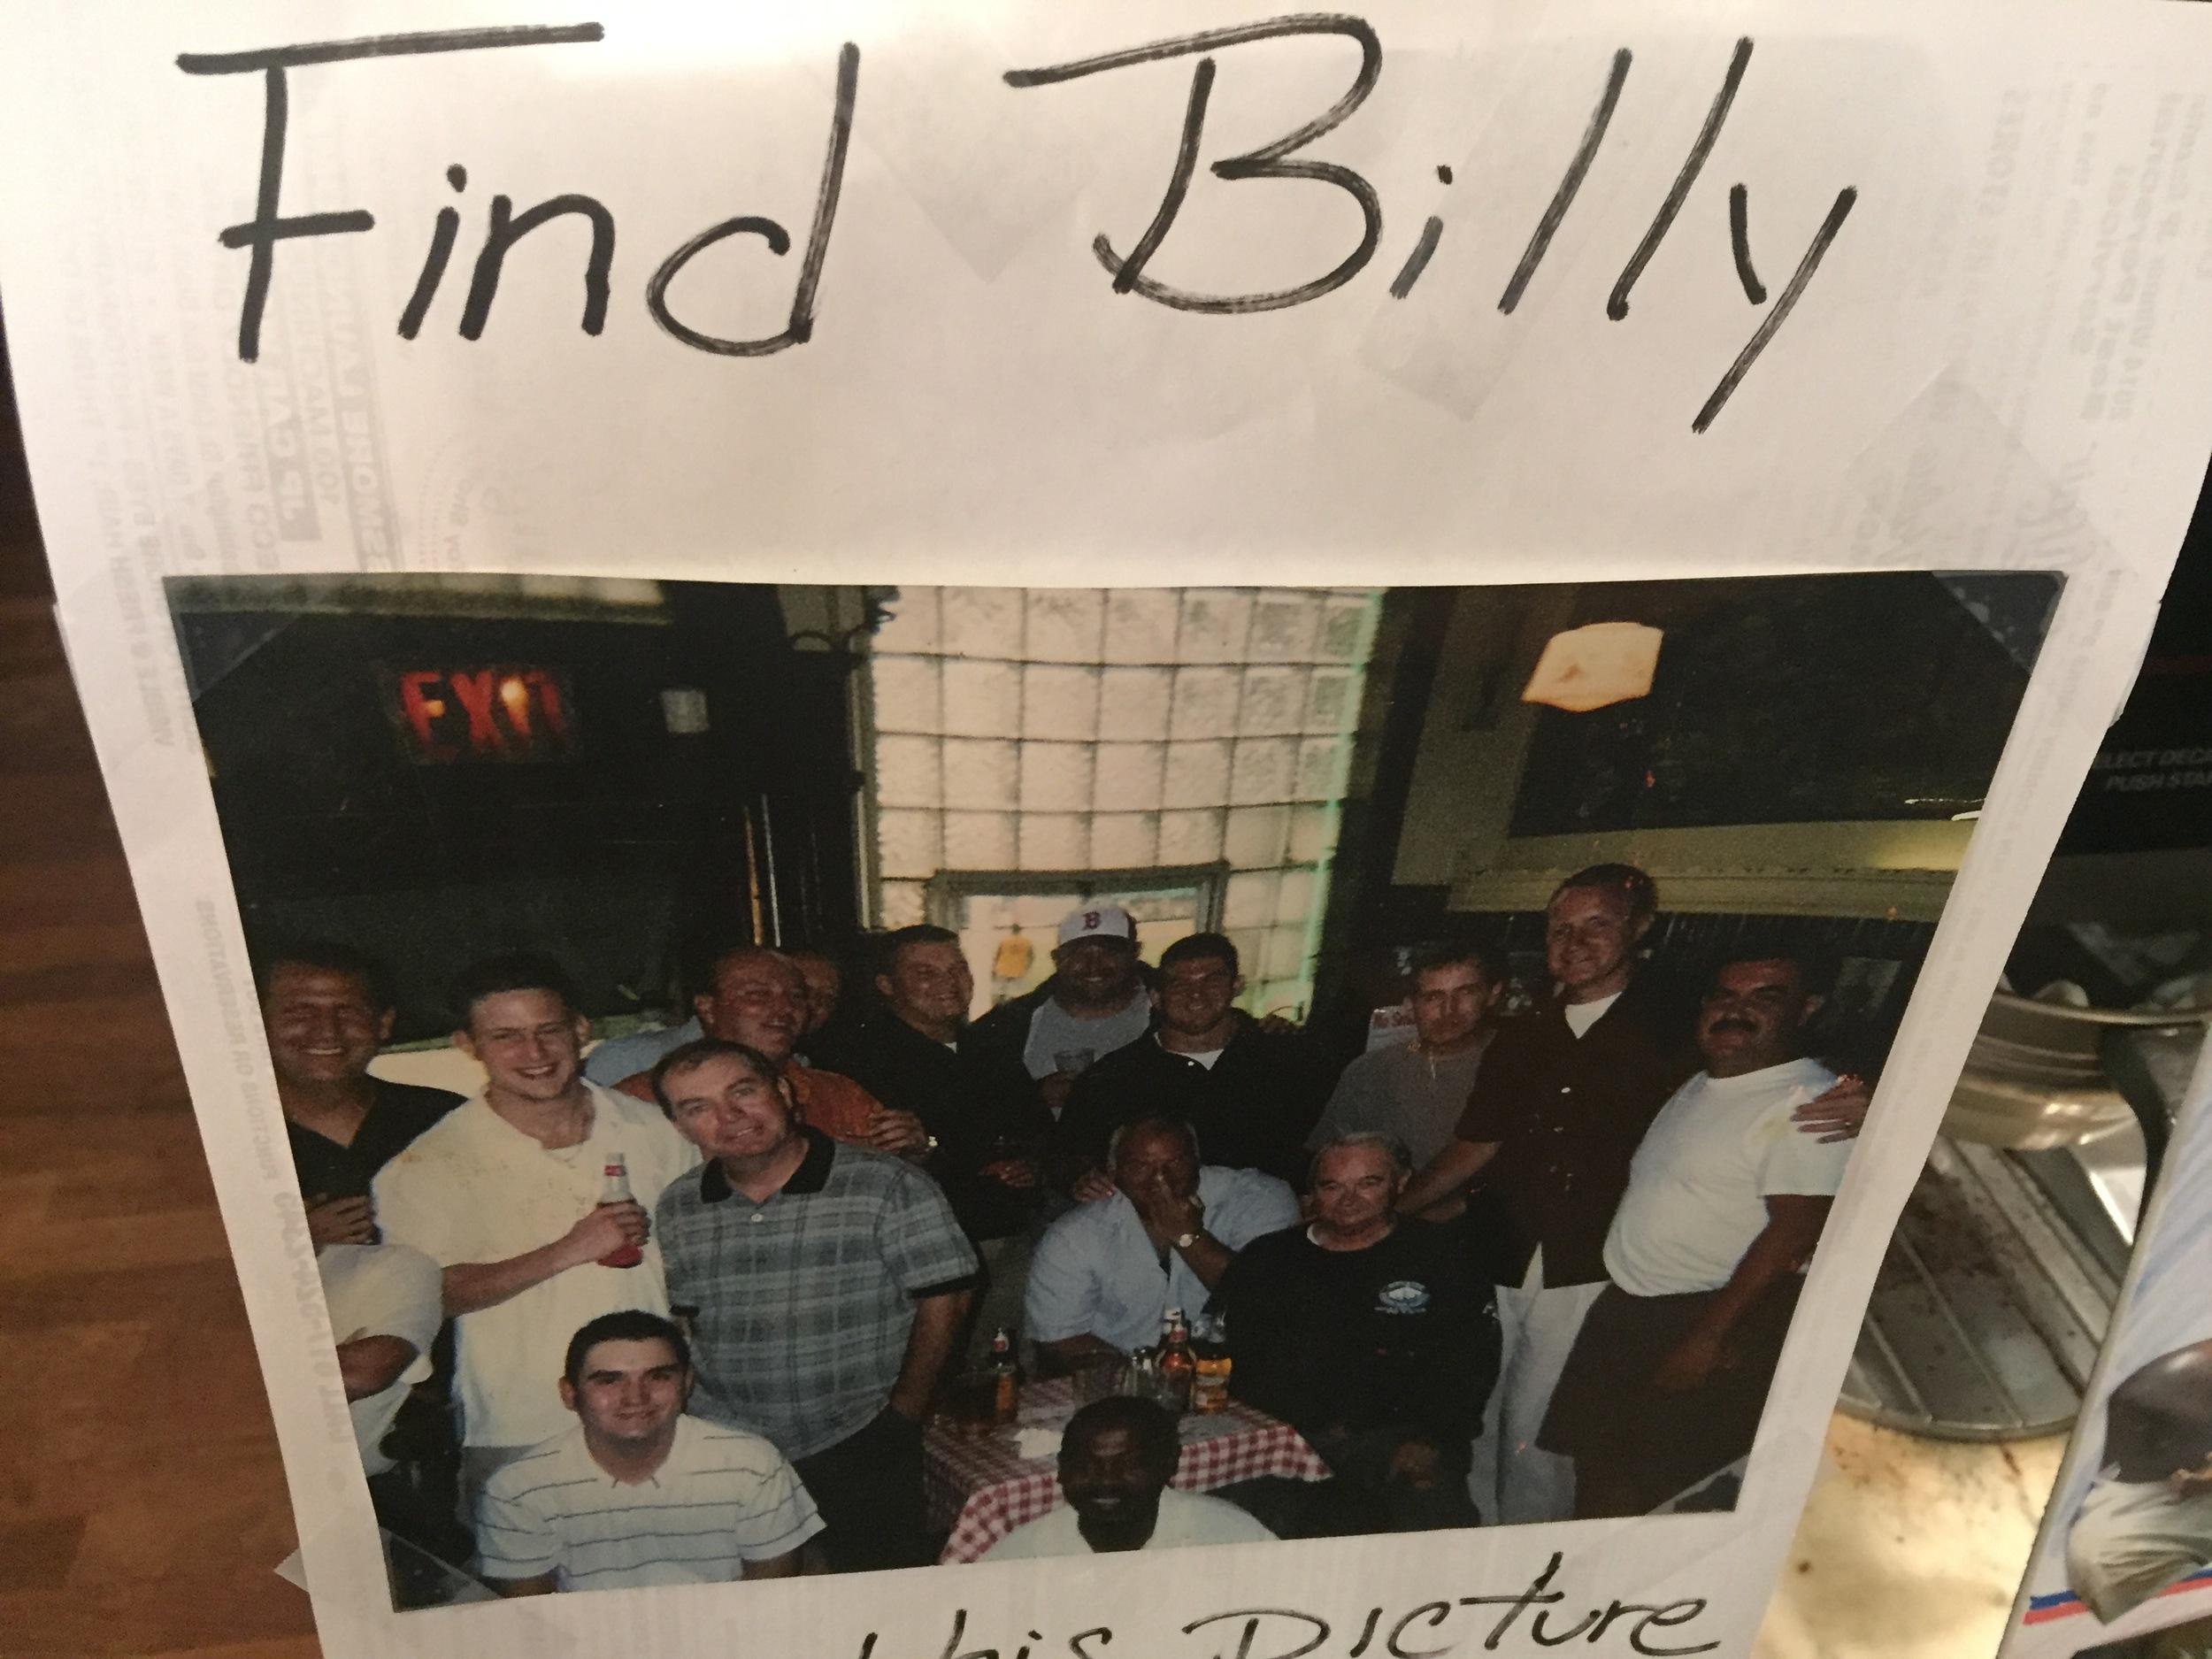 find billy.jpg